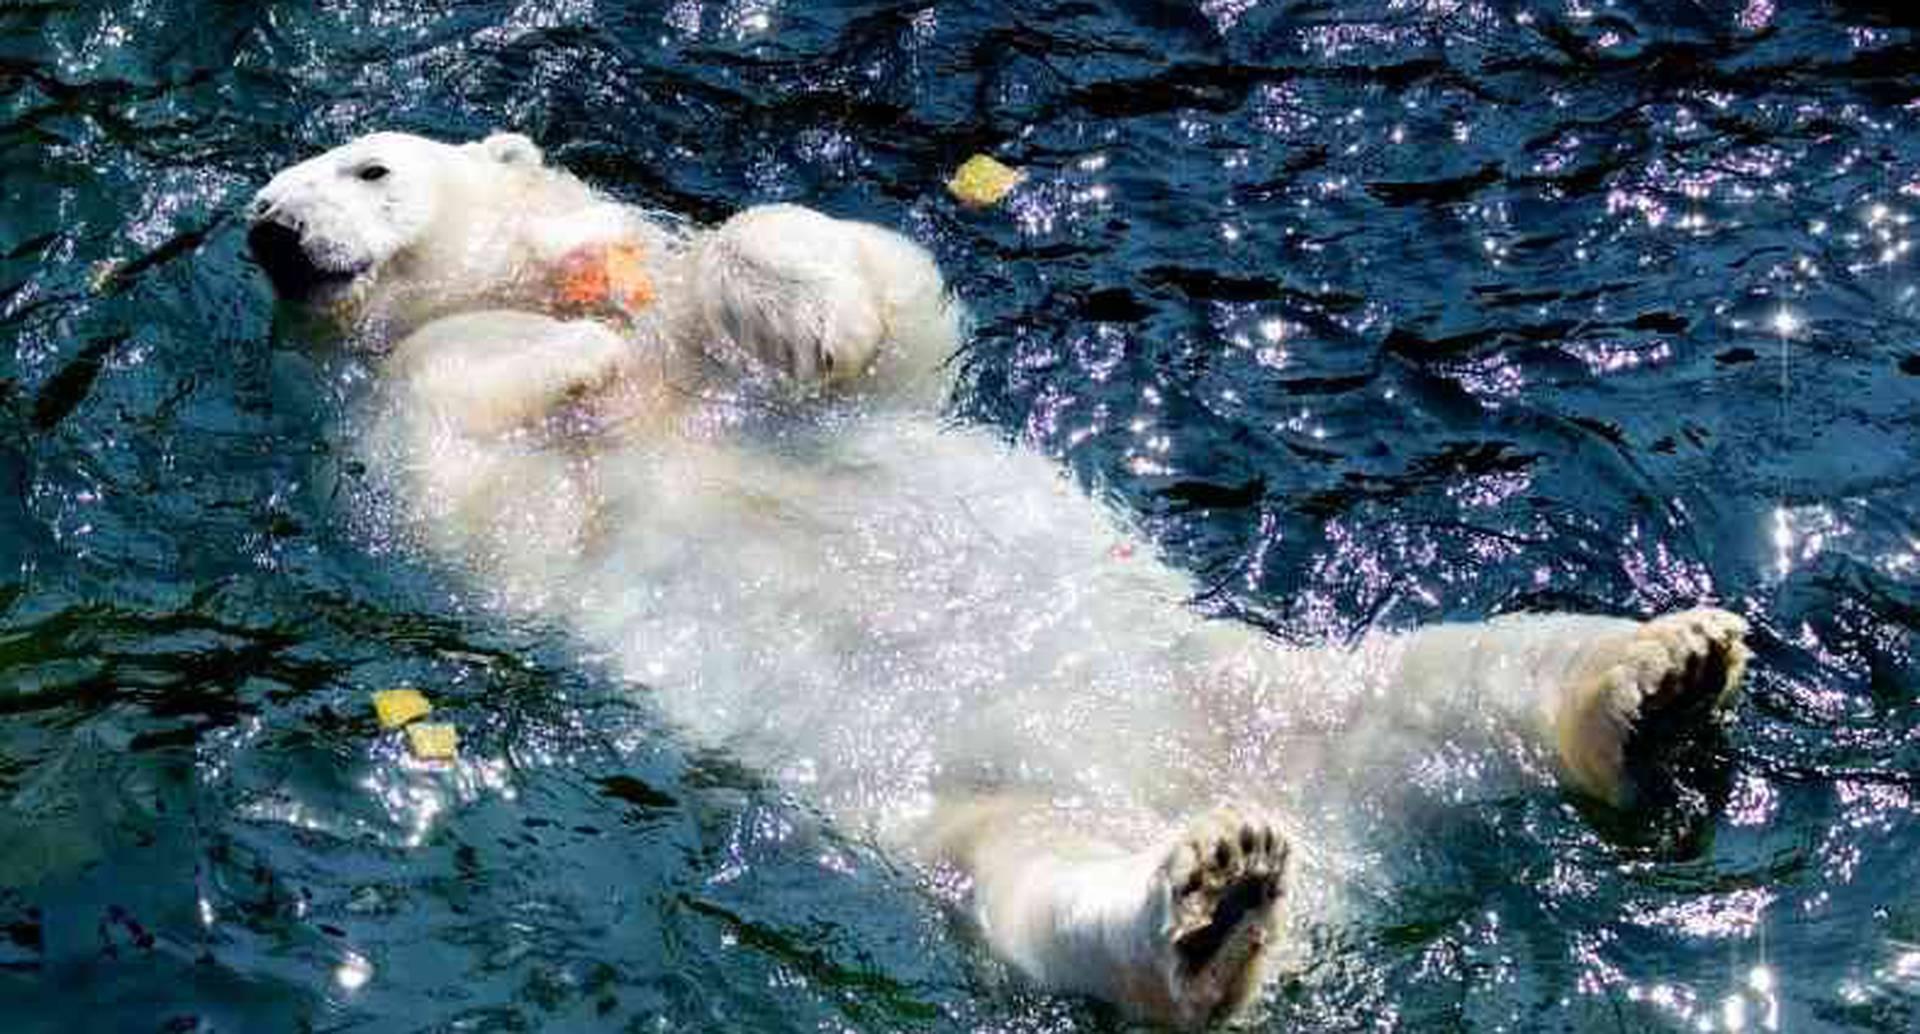 """El oso polar """"Milana"""" sostiene una torta de hielo con fruta congelada mientras toma un baño en su piscina en el zoológico de Hannover, en el norte de Alemania, donde las temperaturas alcanzaron alrededor de los 33 grados centígrados."""